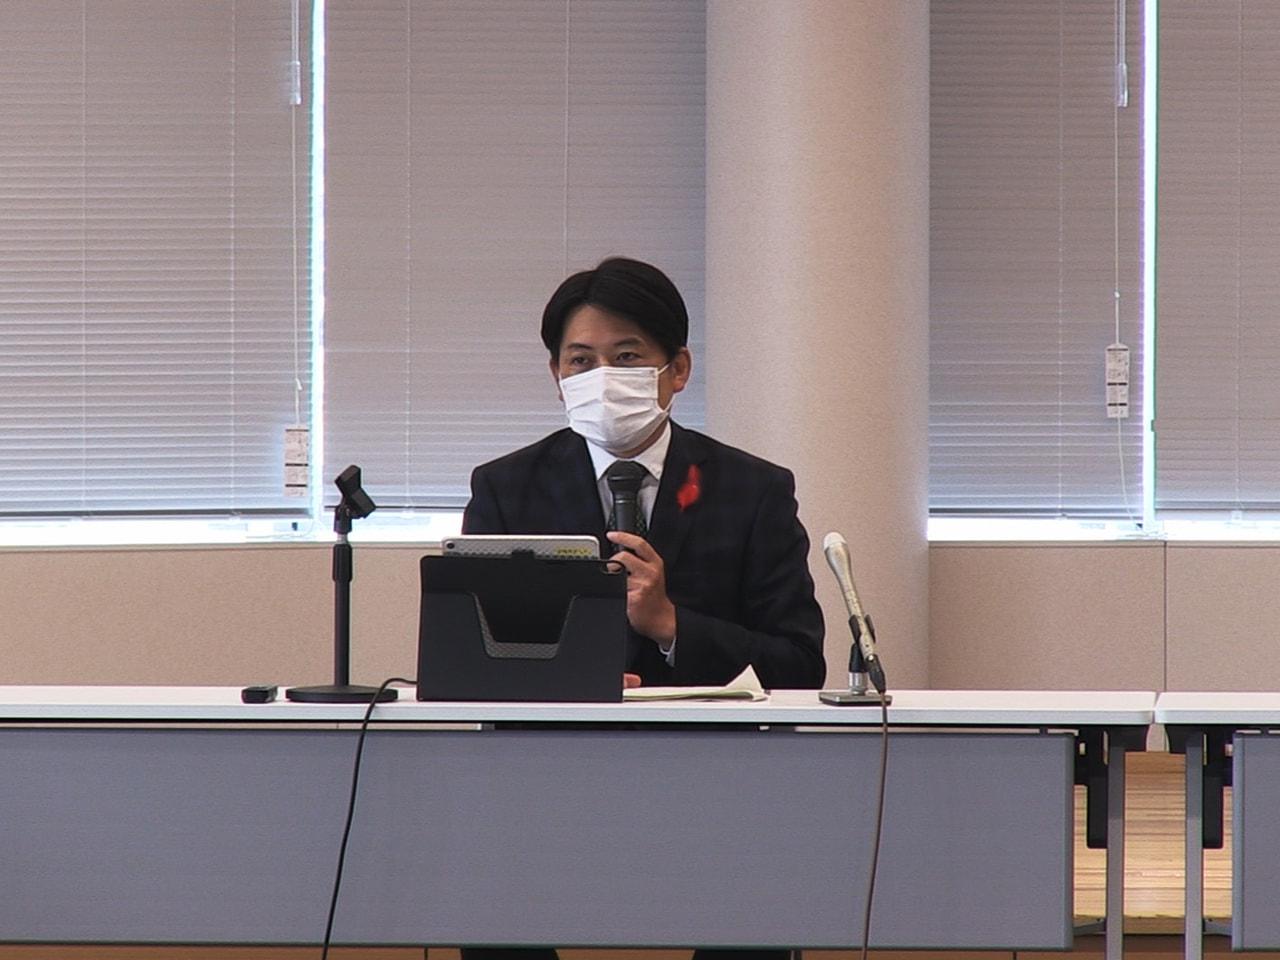 岐阜市の柴橋正直市長は2022年度の予算編成について、コロナ対策を最優先に選ばれ...